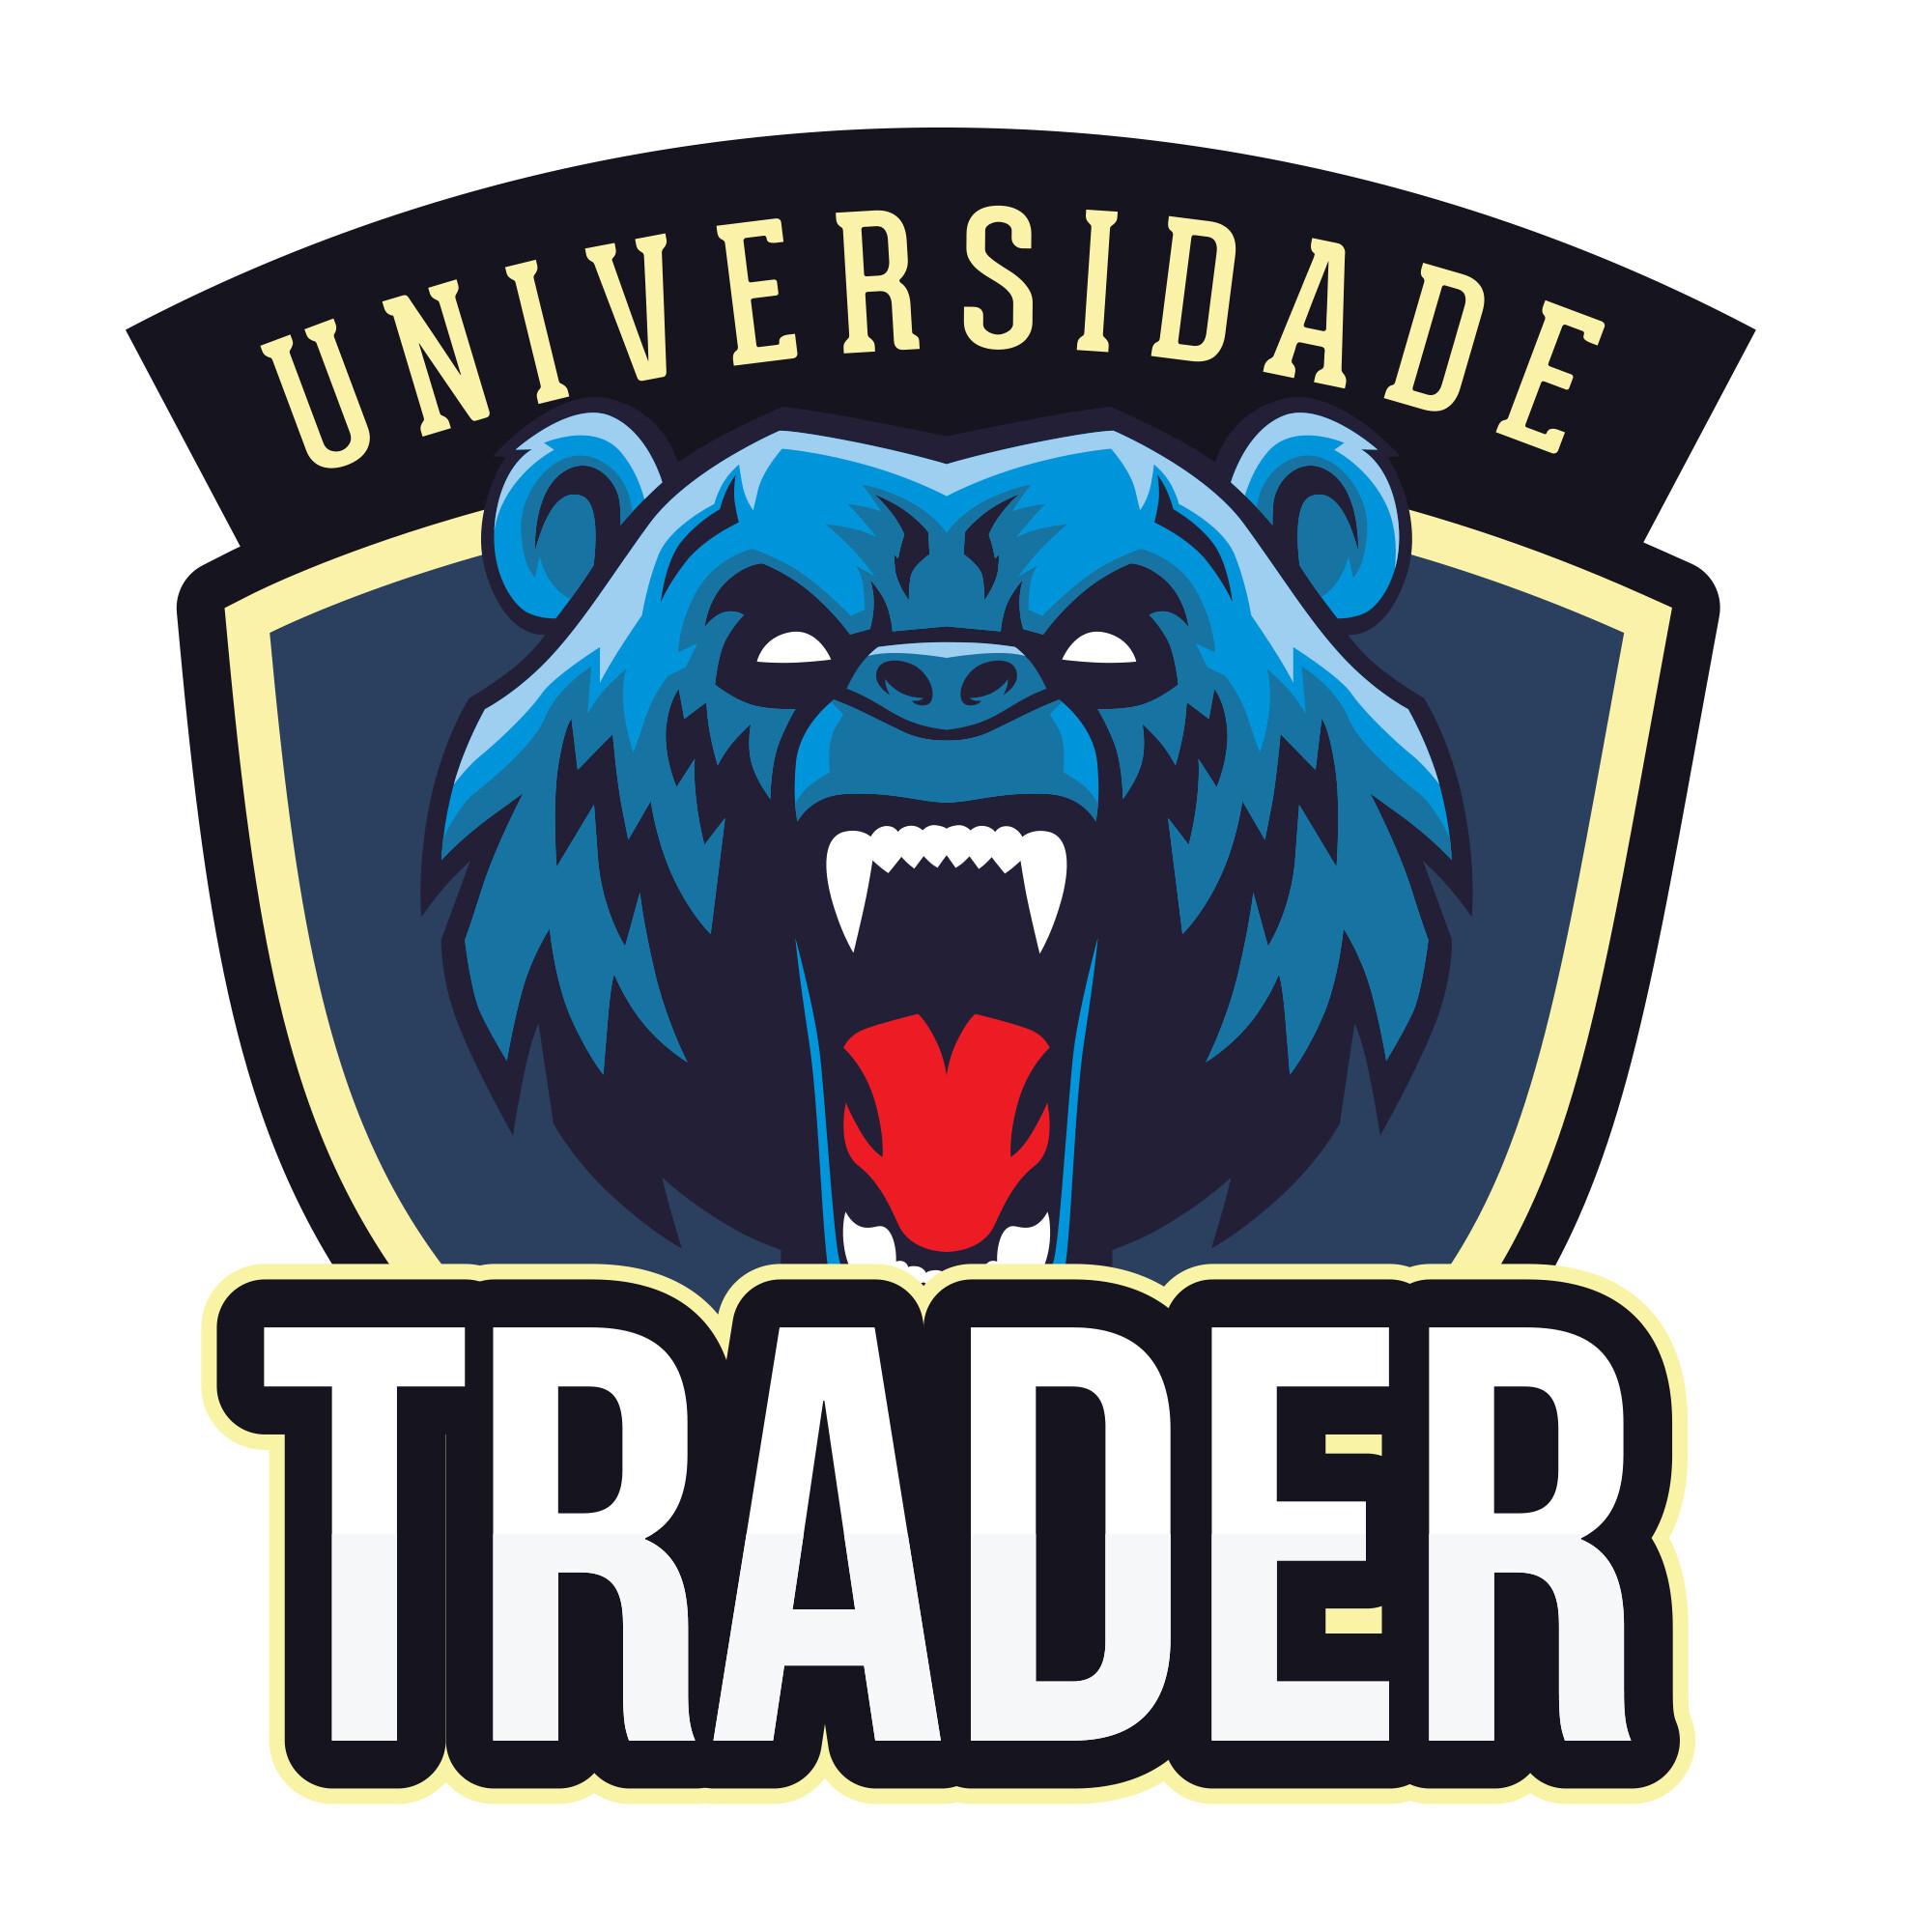 Curso de Forex - Universidade trader